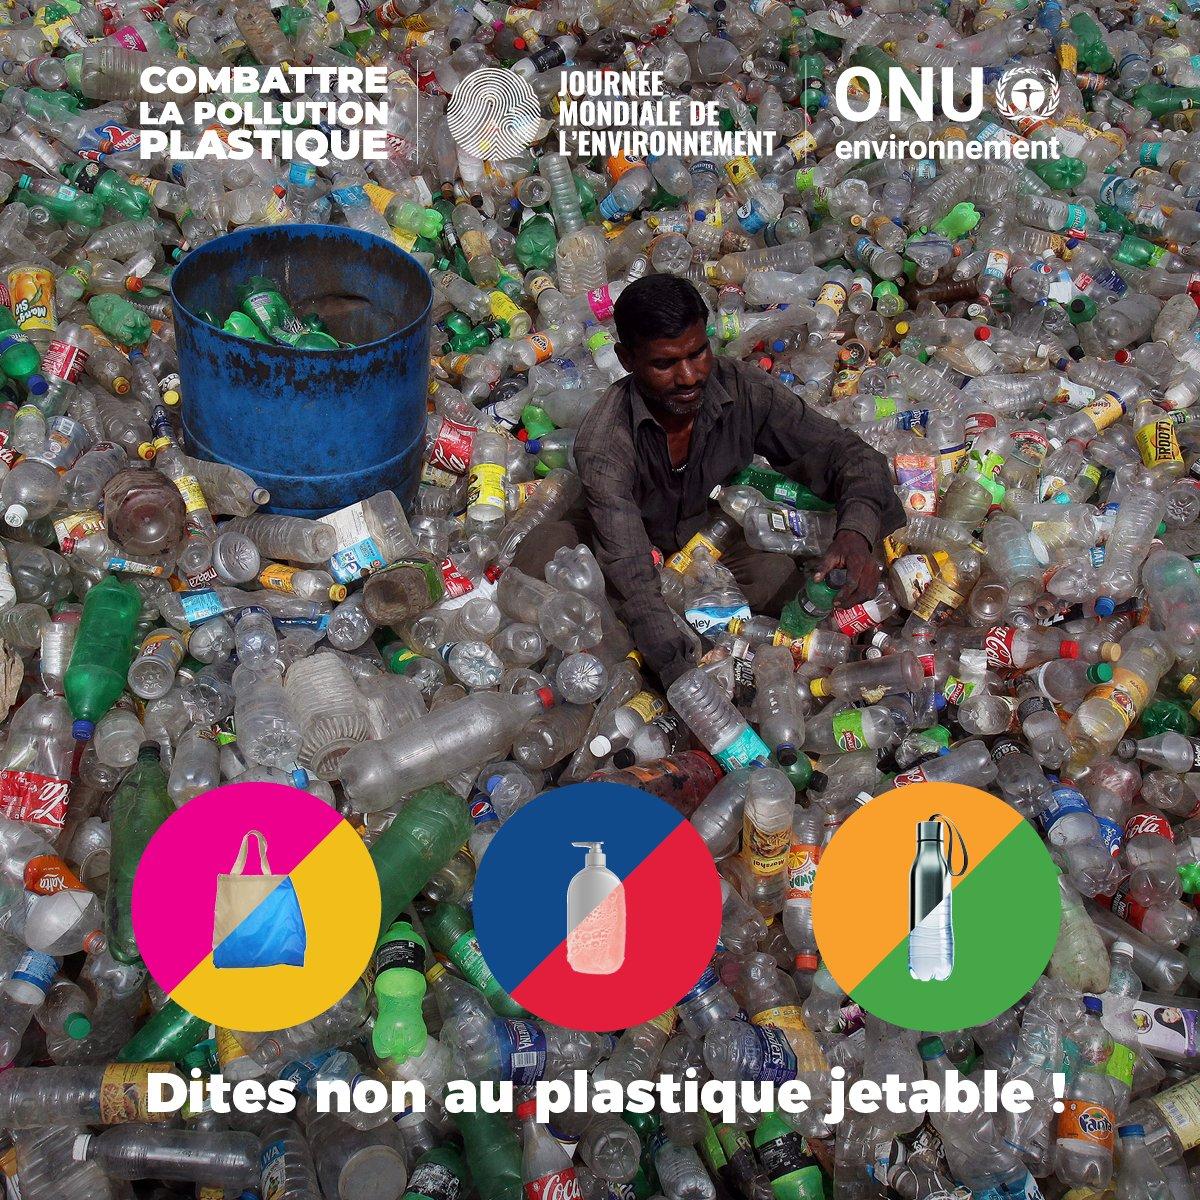 Bannissez les produits en plastique à usage unique. Refusez ce que vous ne pouvez pas réutiliser. Ensemble, nous pouvons ouvrir la voie à un monde plus propre et plus vert. — @antonioguterres pour la #JournéeMondialeDelEnvironnement célébrée le 5 juin : https://t.co/OjHfX0JW84